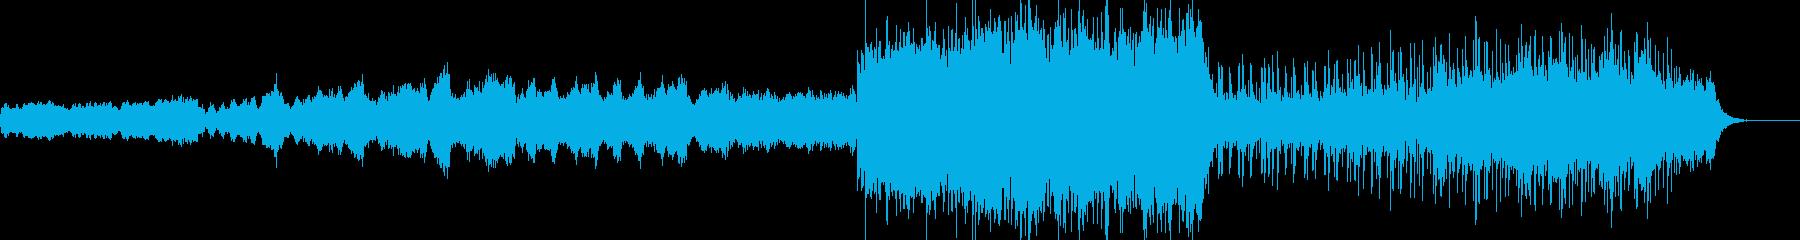 アンビエント風BGMの再生済みの波形